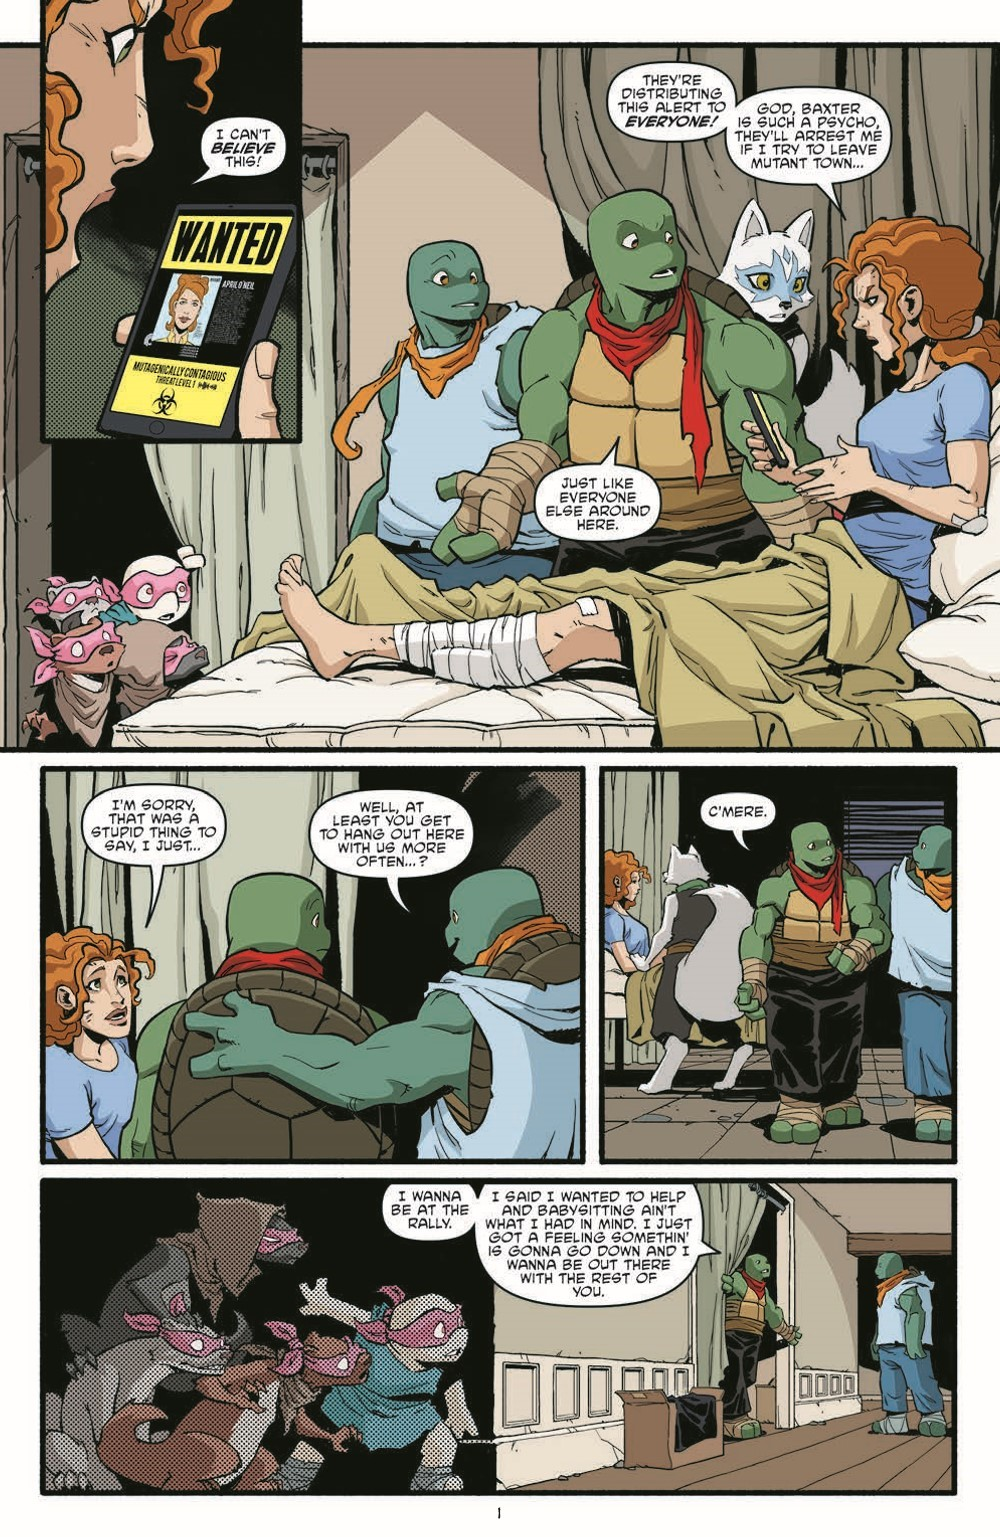 TMNT119_pr-3 ComicList Previews: TEENAGE MUTANT NINJA TURTLES #119